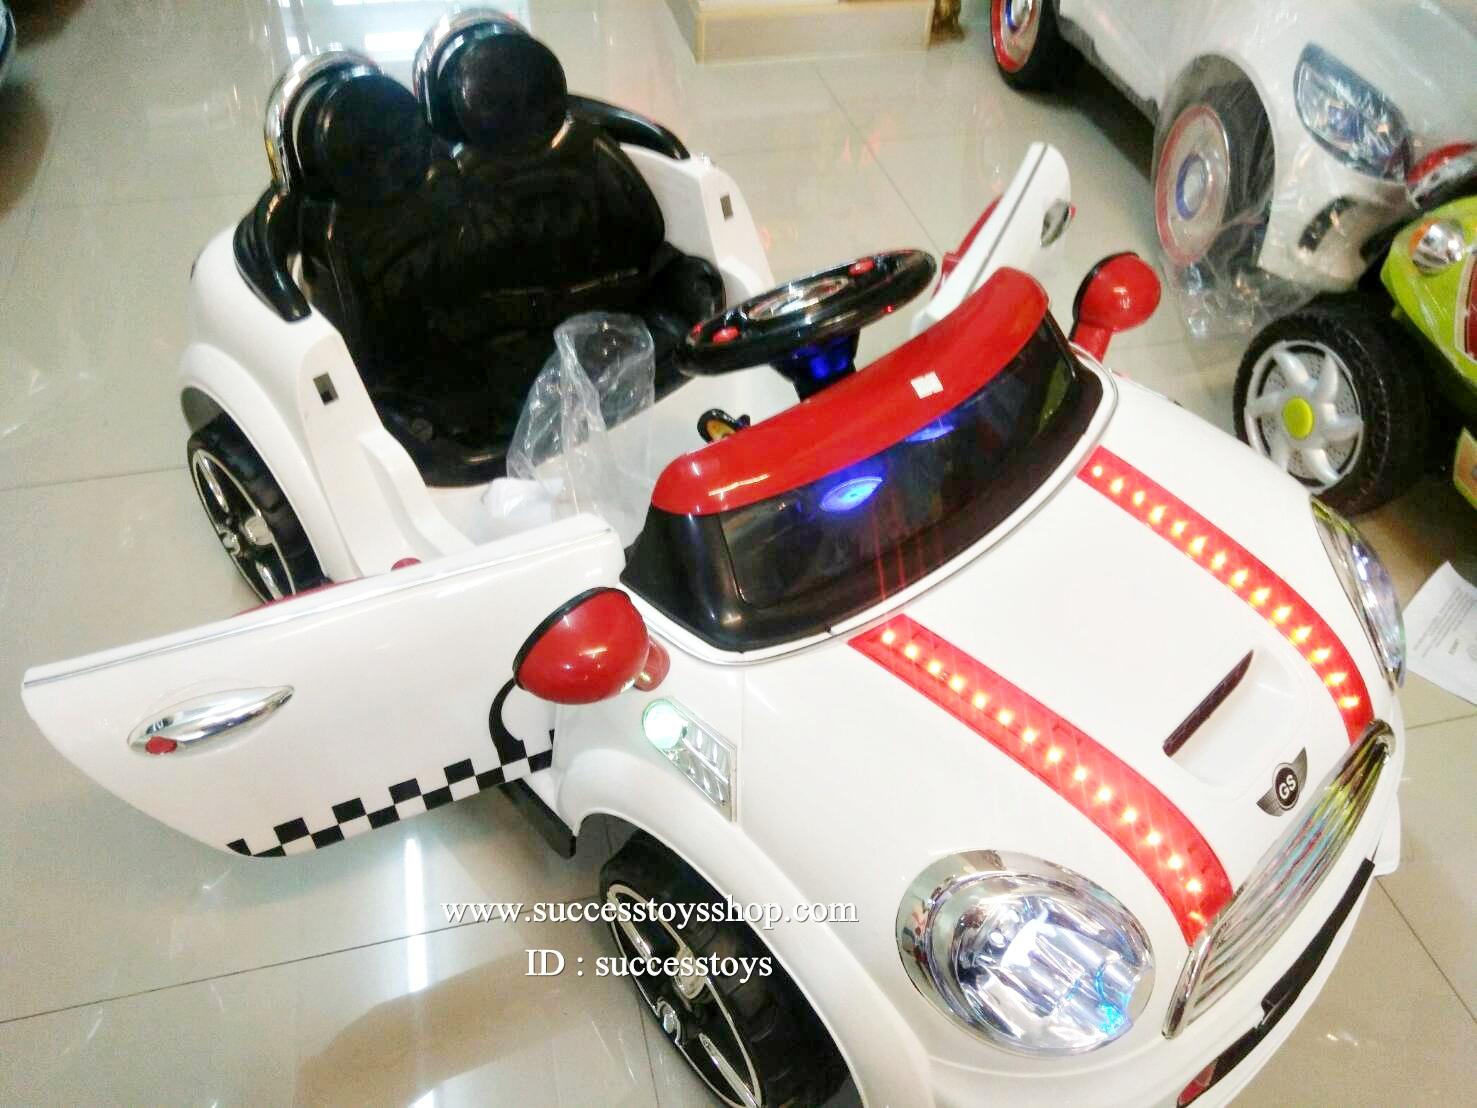 LN5626W รถแบตเตอรี่เด็กนั่ง ยี่ห้อมินิคูเปอร์(ฝากระโปรงมีไฟ) มี 5 สี แดง เหลือง เขียว ชมพู ขาว